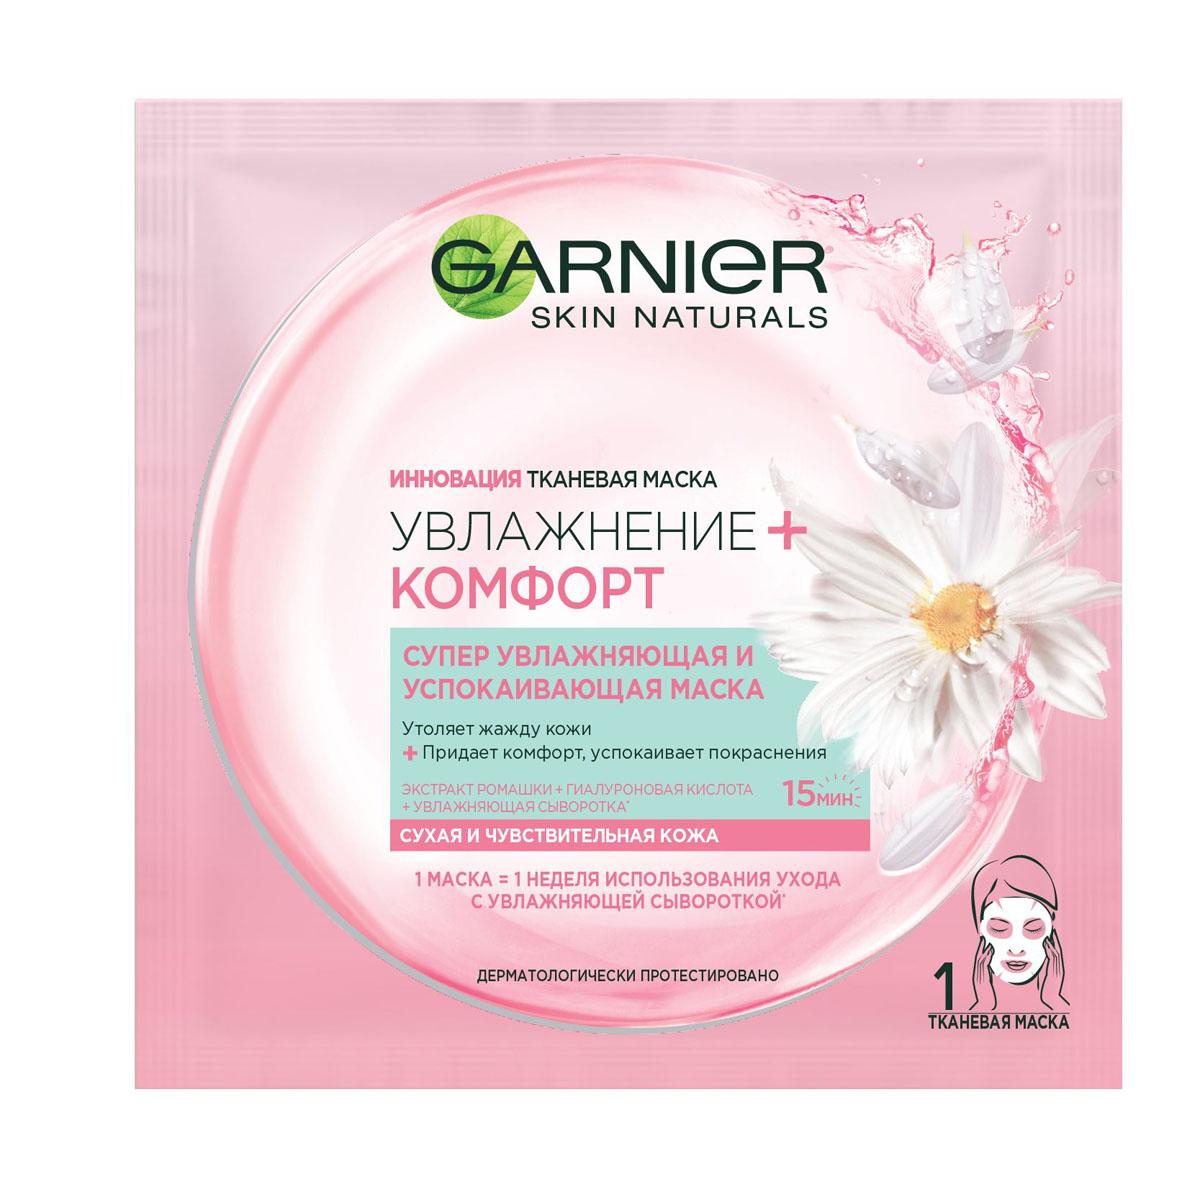 Garnier Тканевая маска Увлажнение + Комфорт, супер увлажняющая и успокаивающая, для сухой и чувствительной кожи, 32 гр